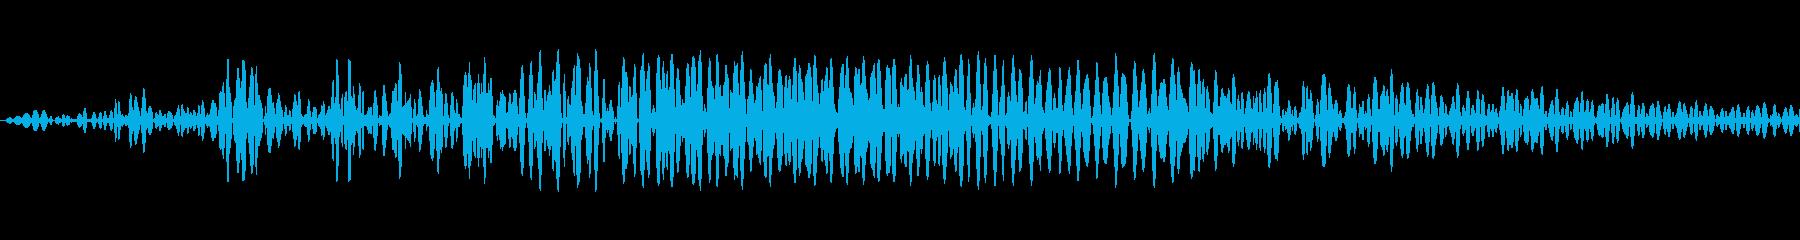 わん!!(犬が元気に吠える音。高め)の再生済みの波形